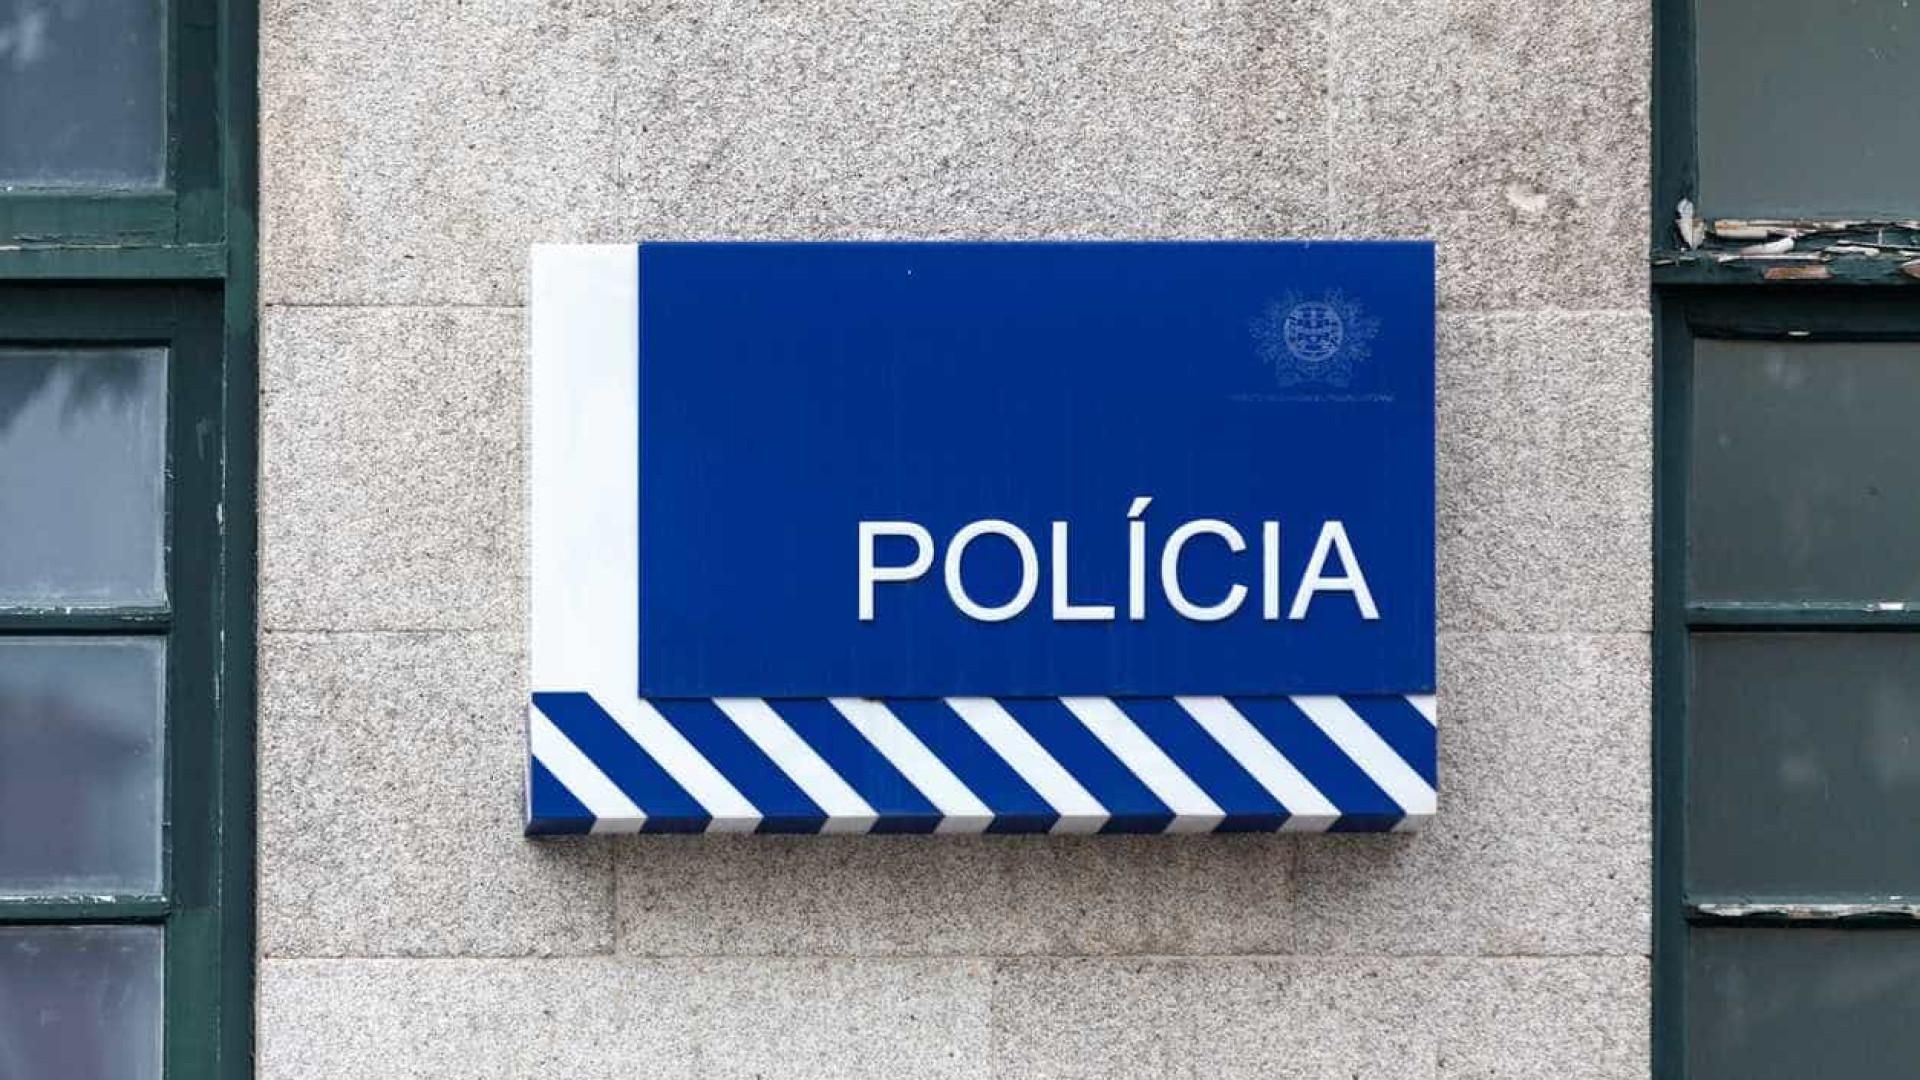 """""""Tive de o morder senão morria"""", diz mulher alegadamente agredida por PSP"""